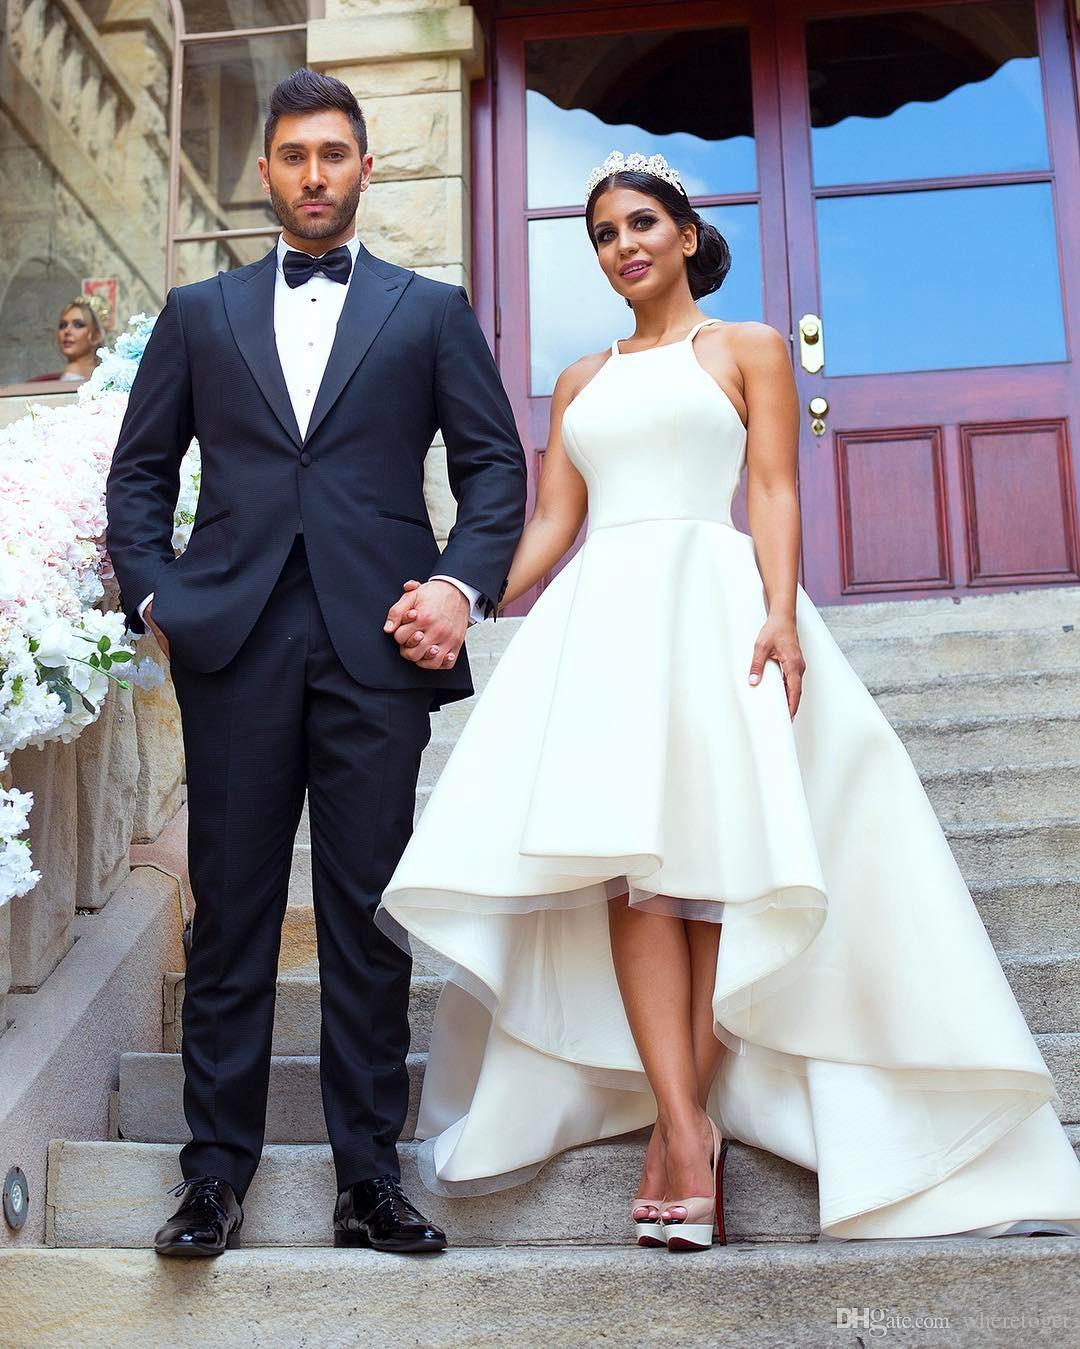 Robes de mariée simple modeste Salut Low Halter A-ligne pas cher manches 2019 pays bon marché Parti de mariage formel plage Robes de mariée